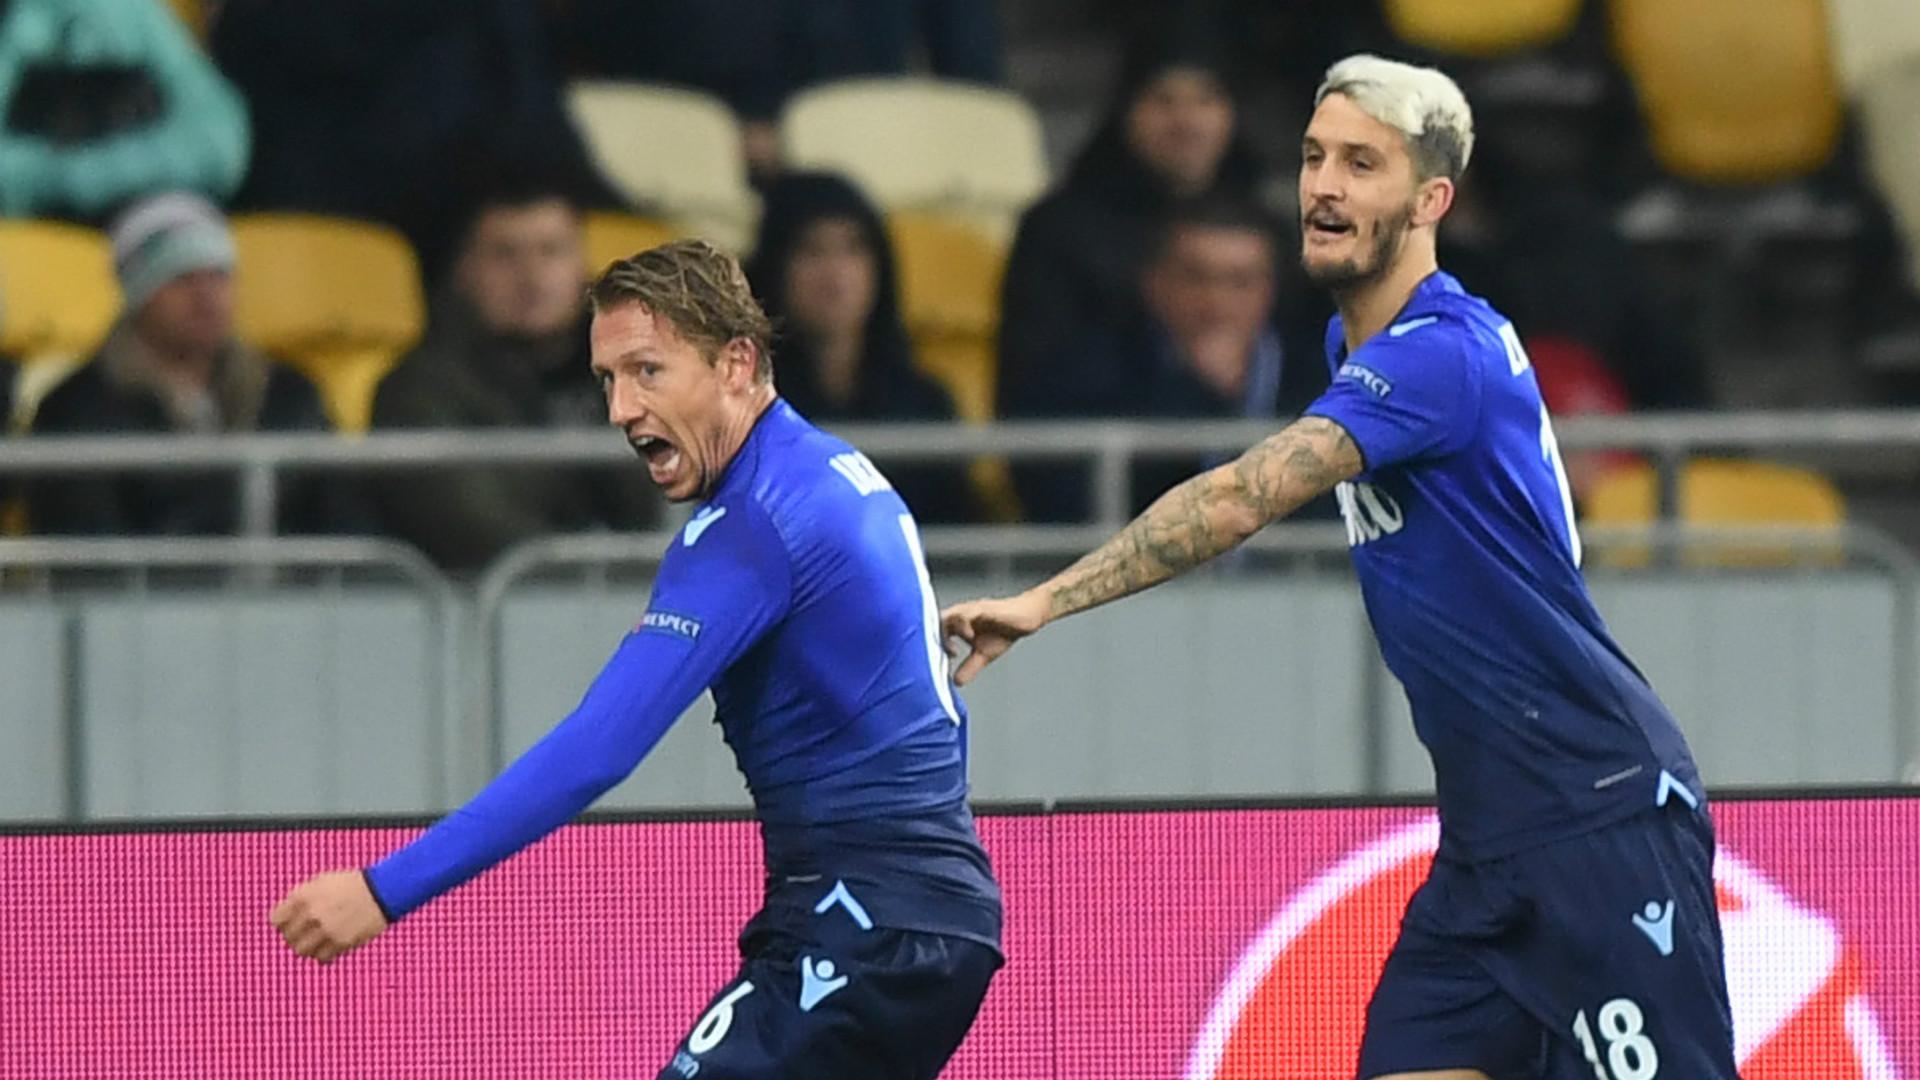 Europa League, Dinamo Kiev-Lazio: le ultimissime sulle formazioni